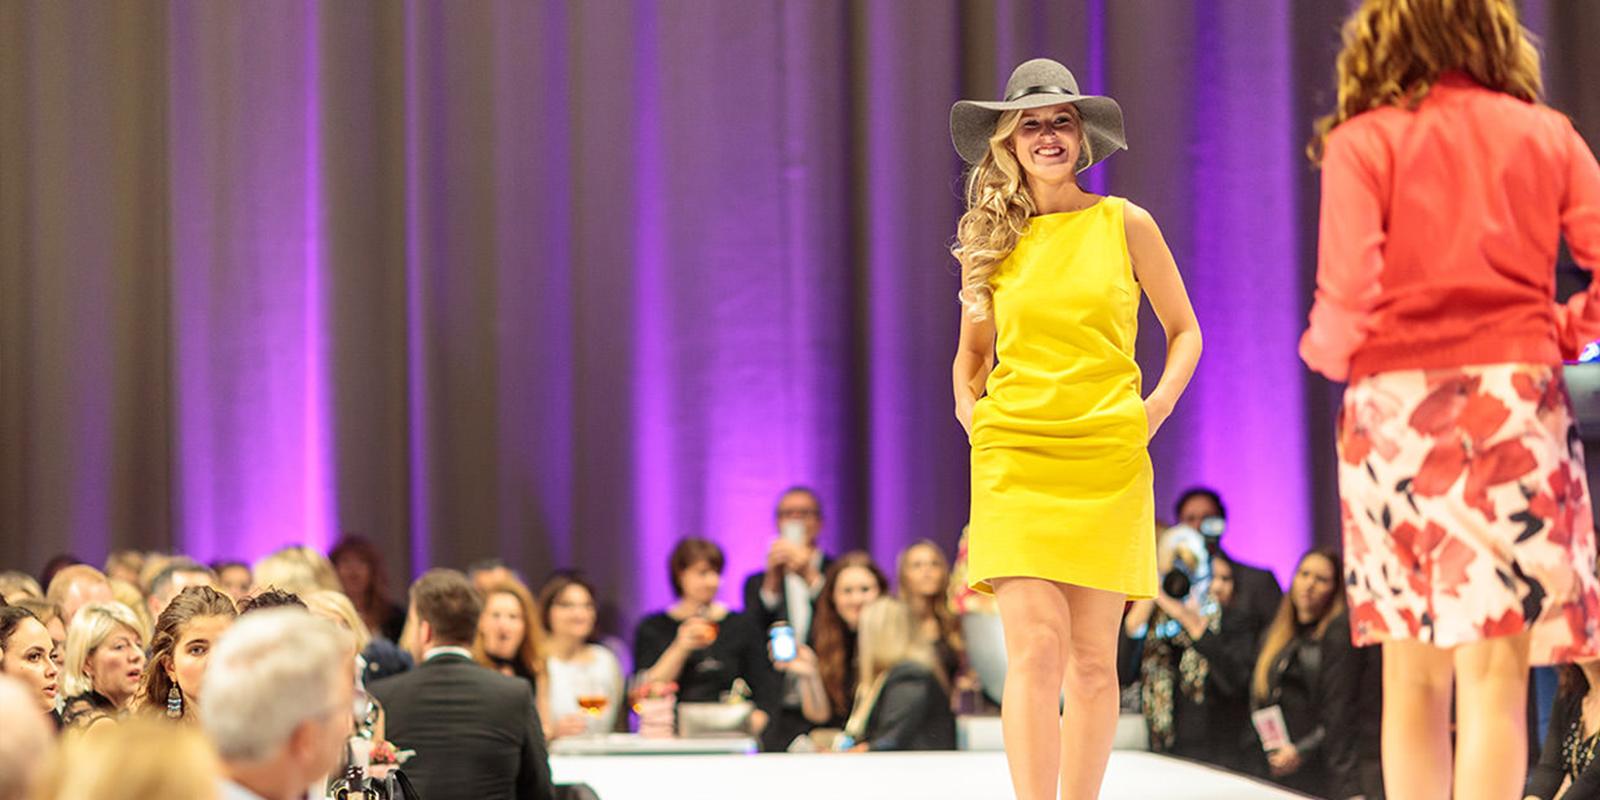 ladies-fashion-night-17-8x16-12